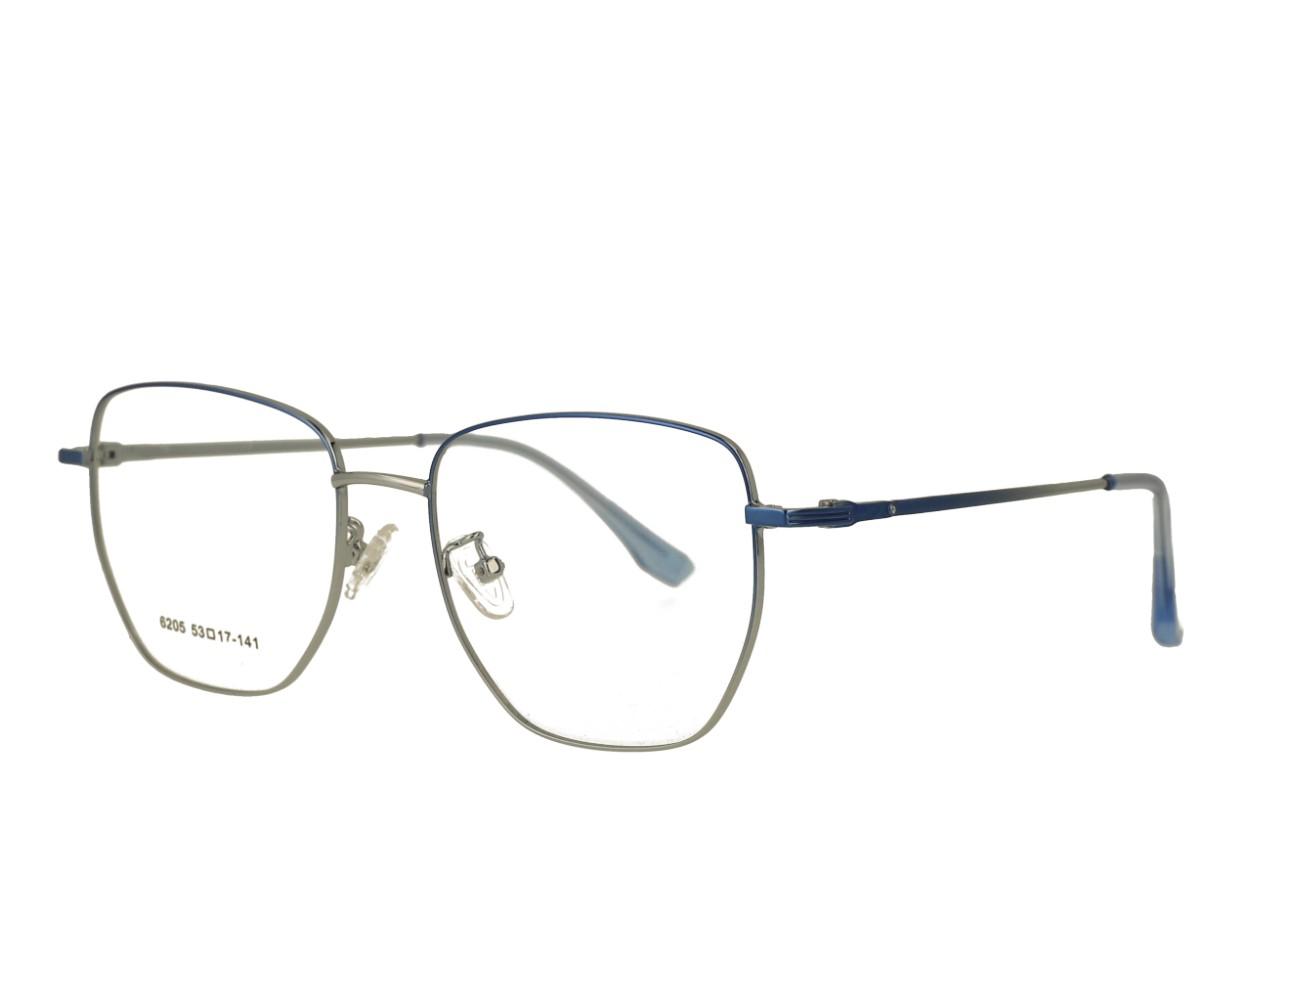 53 Size Big Designer Optical frame Stainless Steal Eyeglasses Woman Eyewear